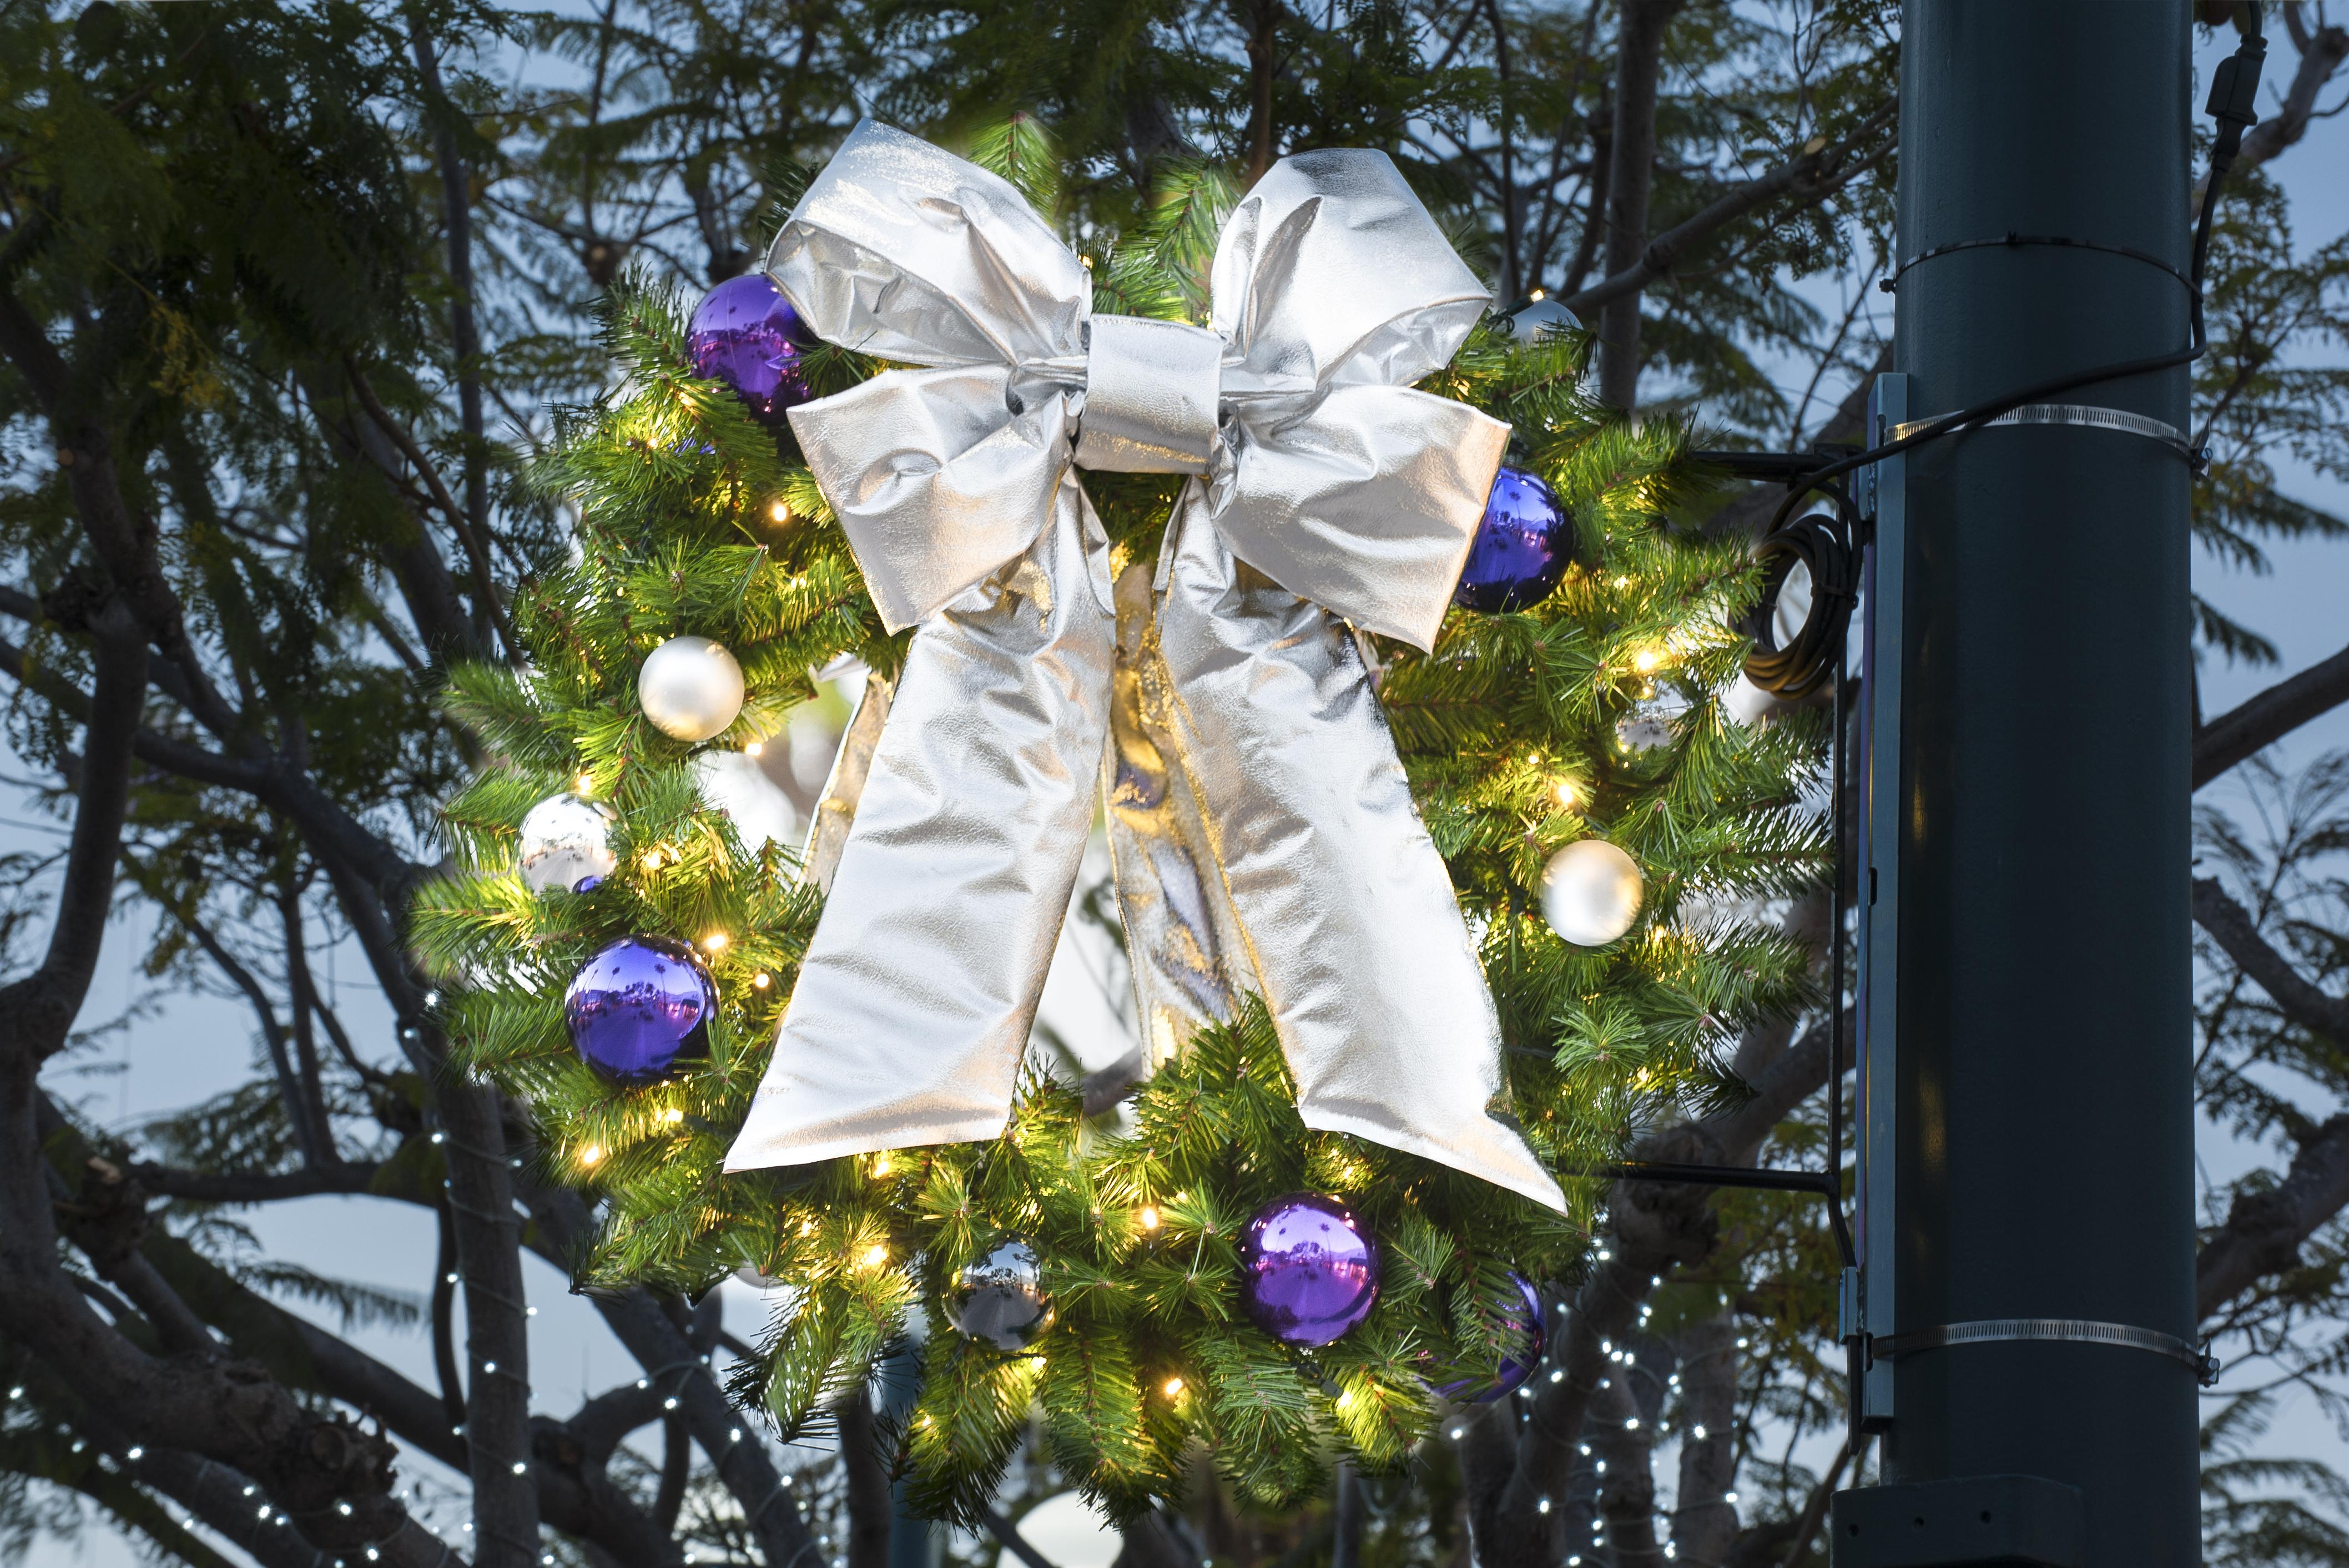 Christmas Lights Direct